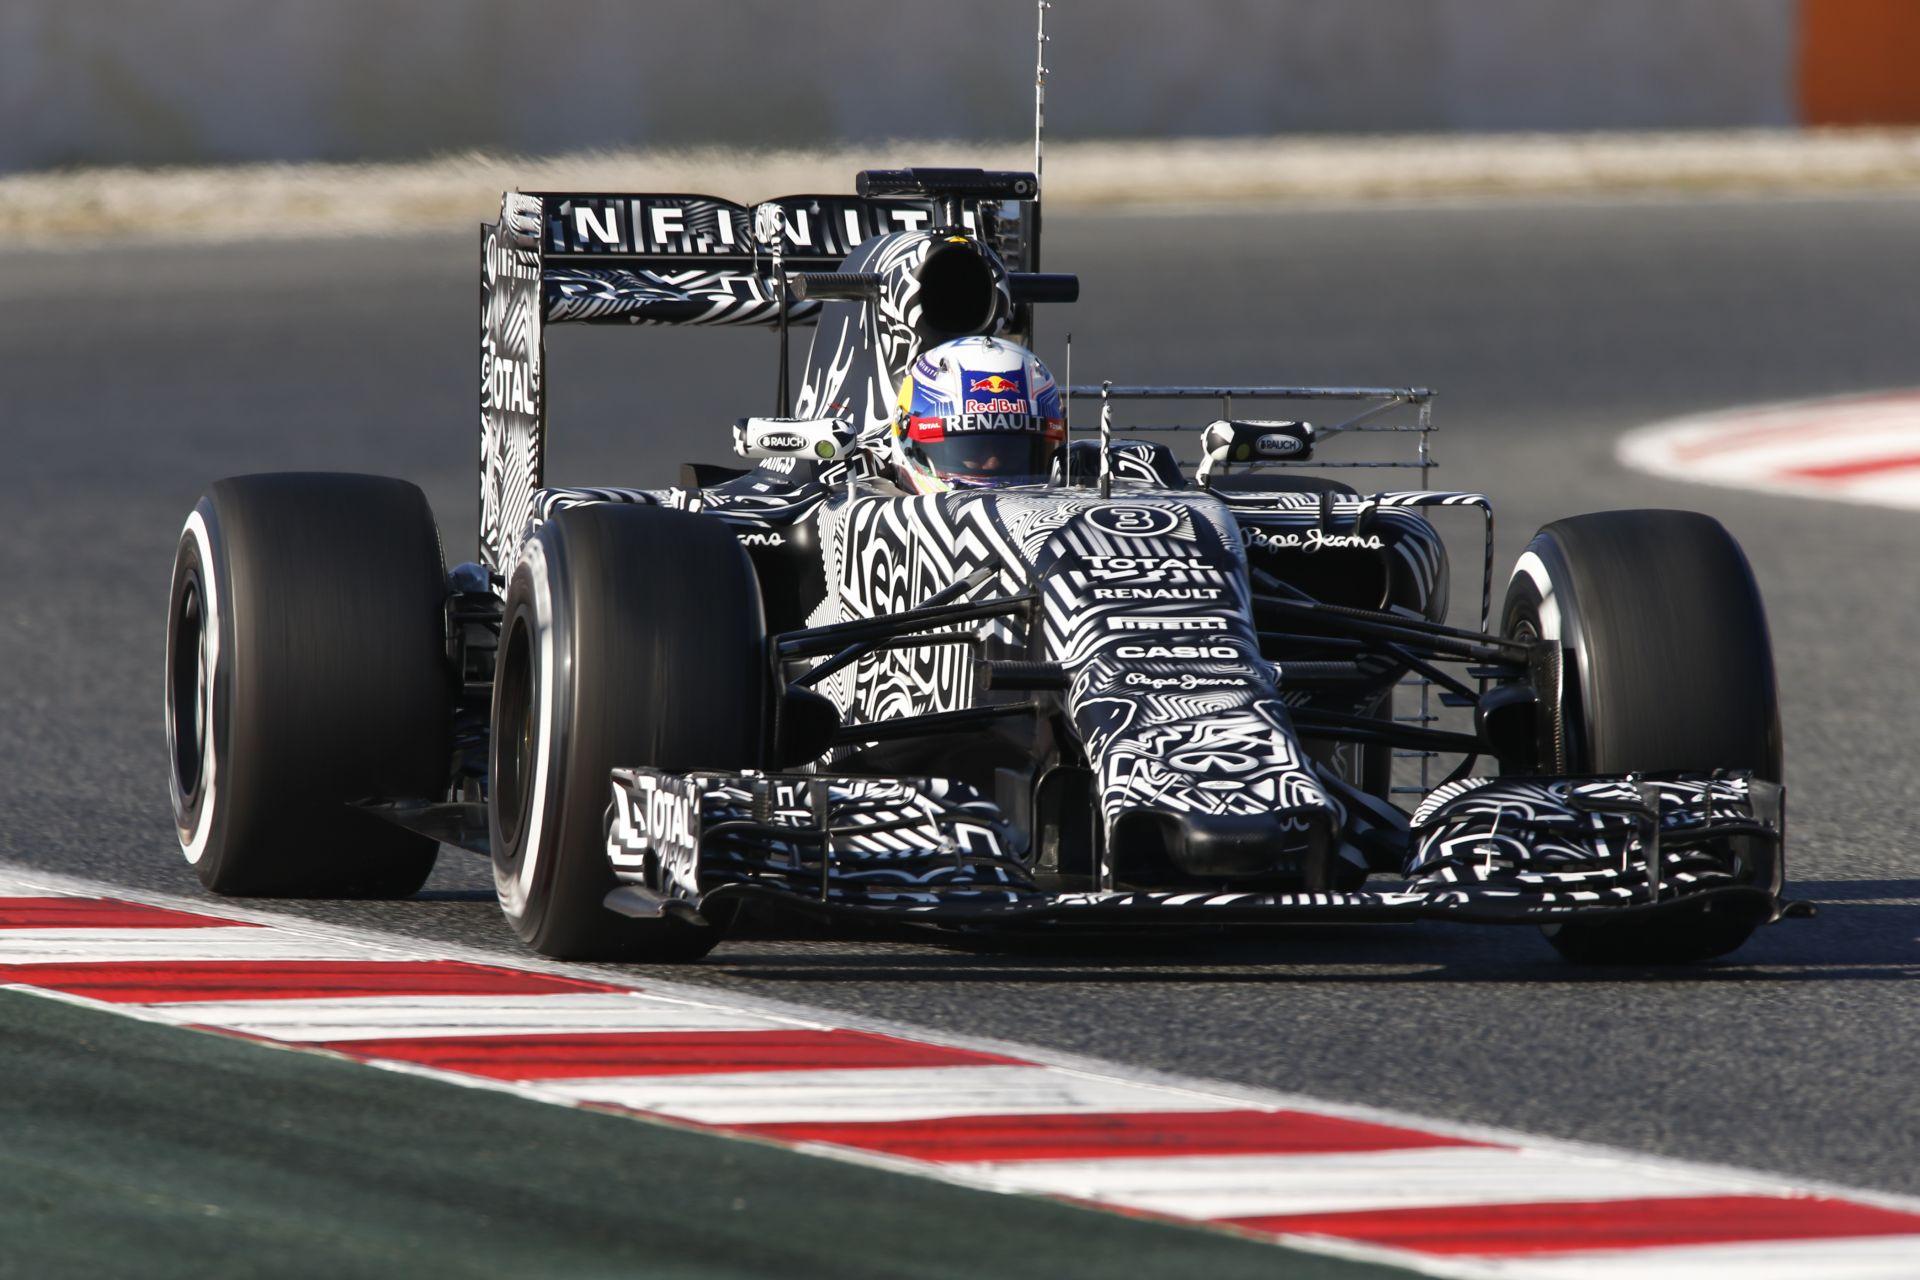 Ricciardo minimális különbséggel vezet Raikkönen előtt Barcelonában a második tesztnapon